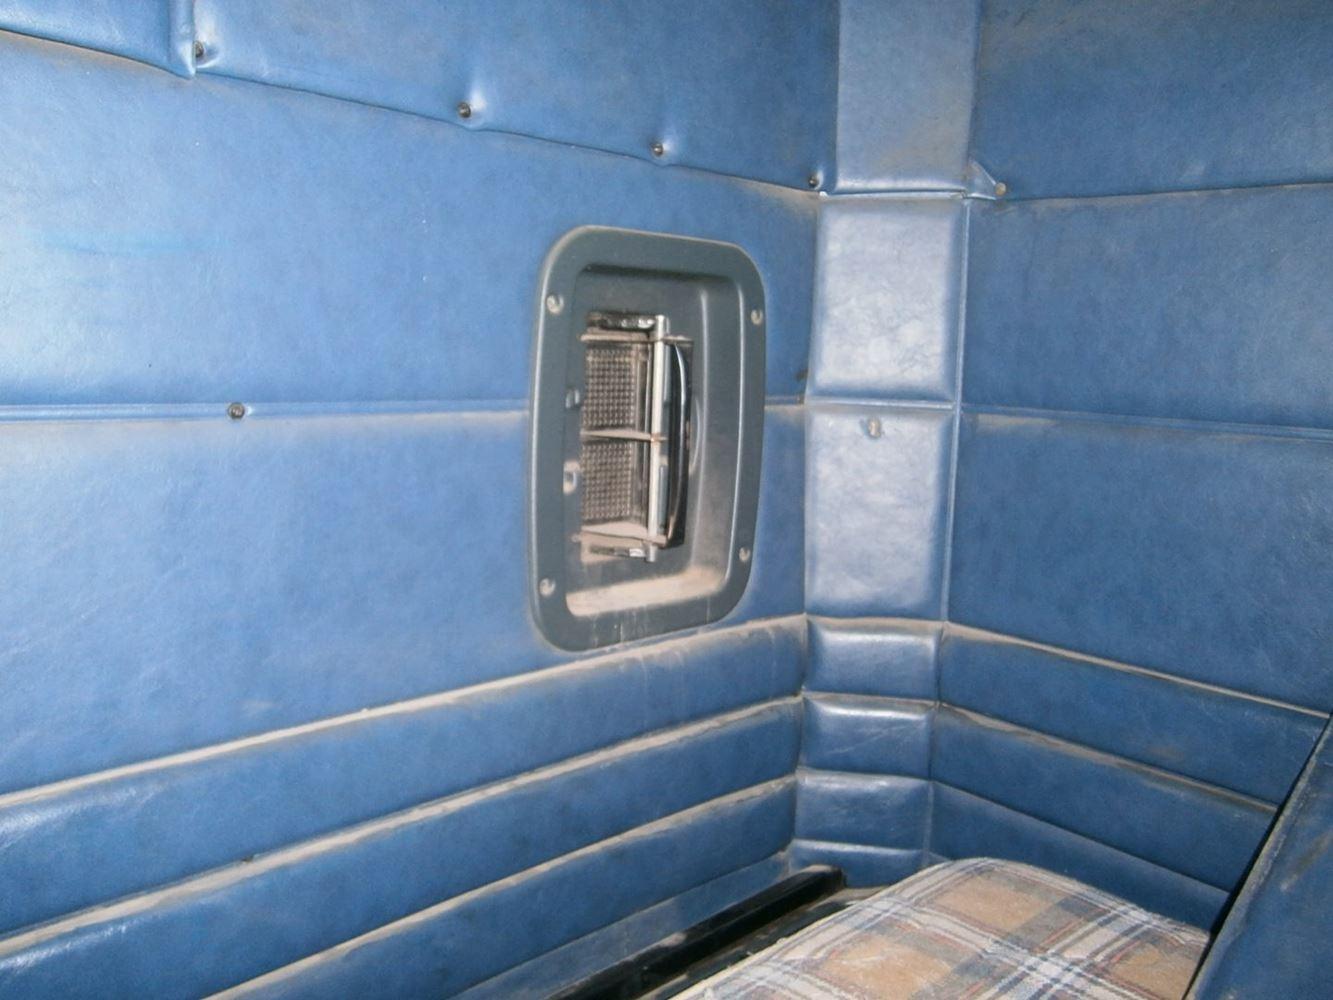 Used Peterbilt Flat Top Sleepers Peterbilt 379 2005